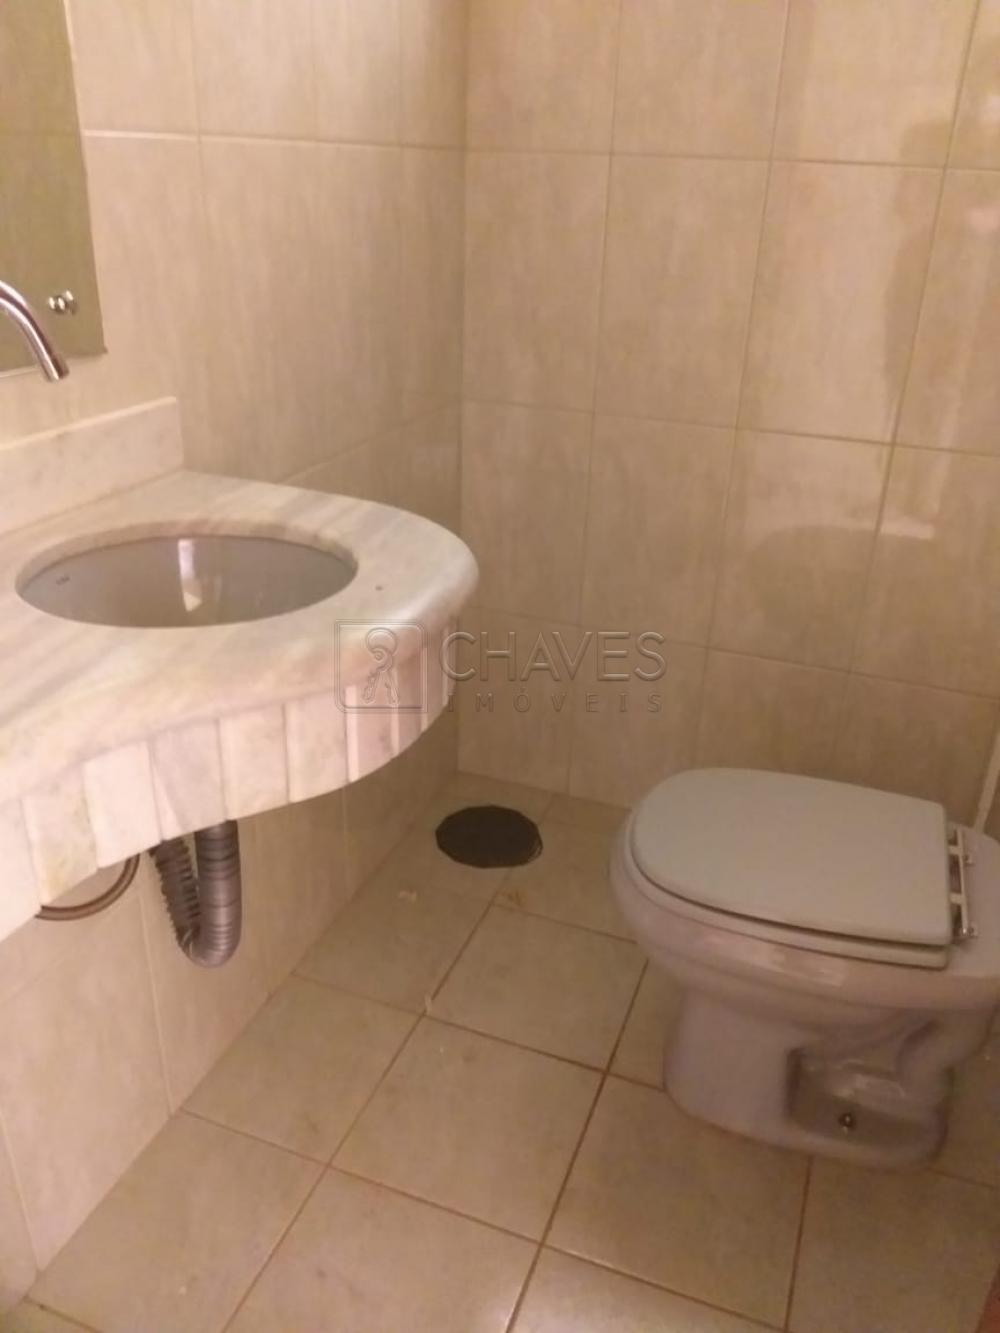 Comprar Casa / Condomínio em Bonfim Paulista apenas R$ 550.000,00 - Foto 13